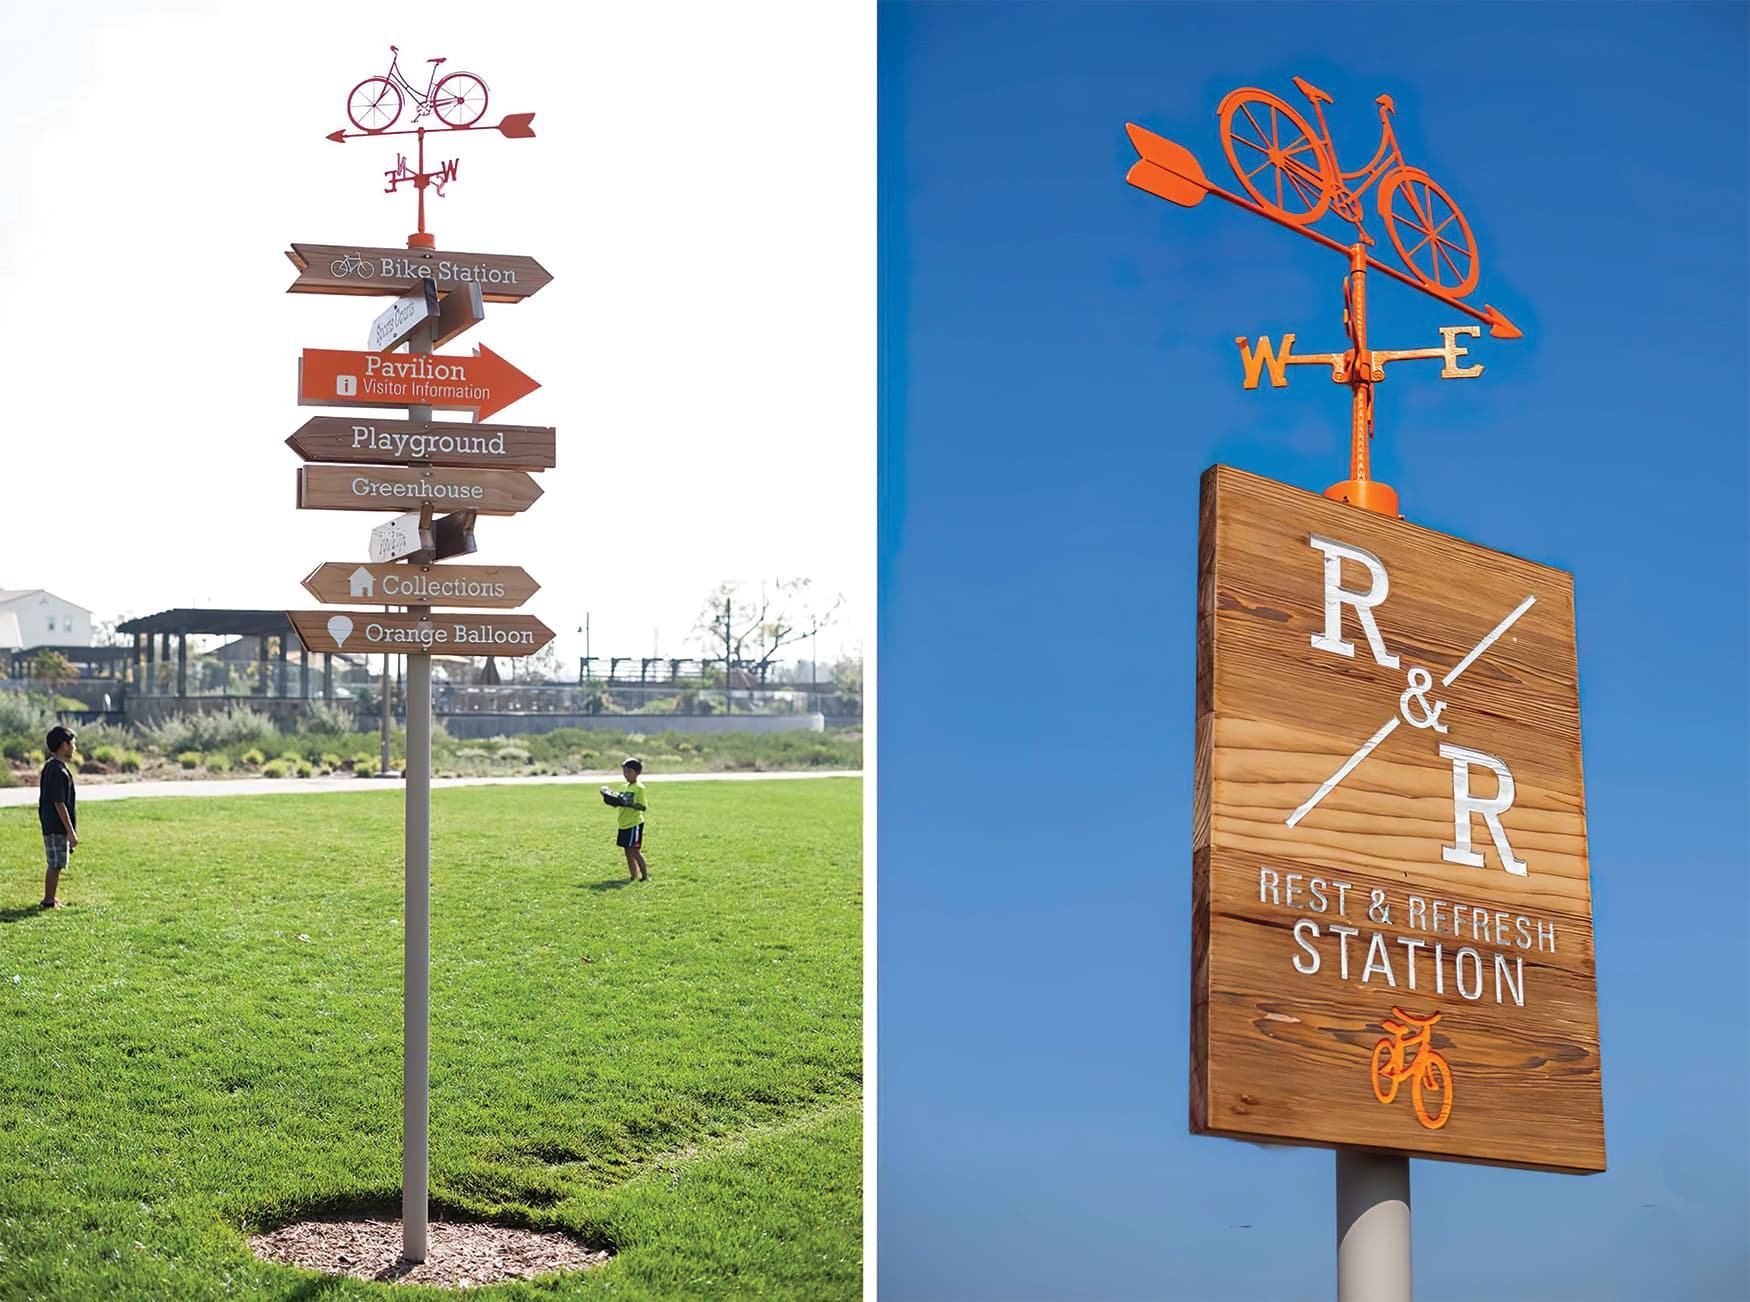 Great Park Neighborhood in Irvine, California. Residential Neighborhood Design and Park Design. Pedestrian Directional Wayfinding Design